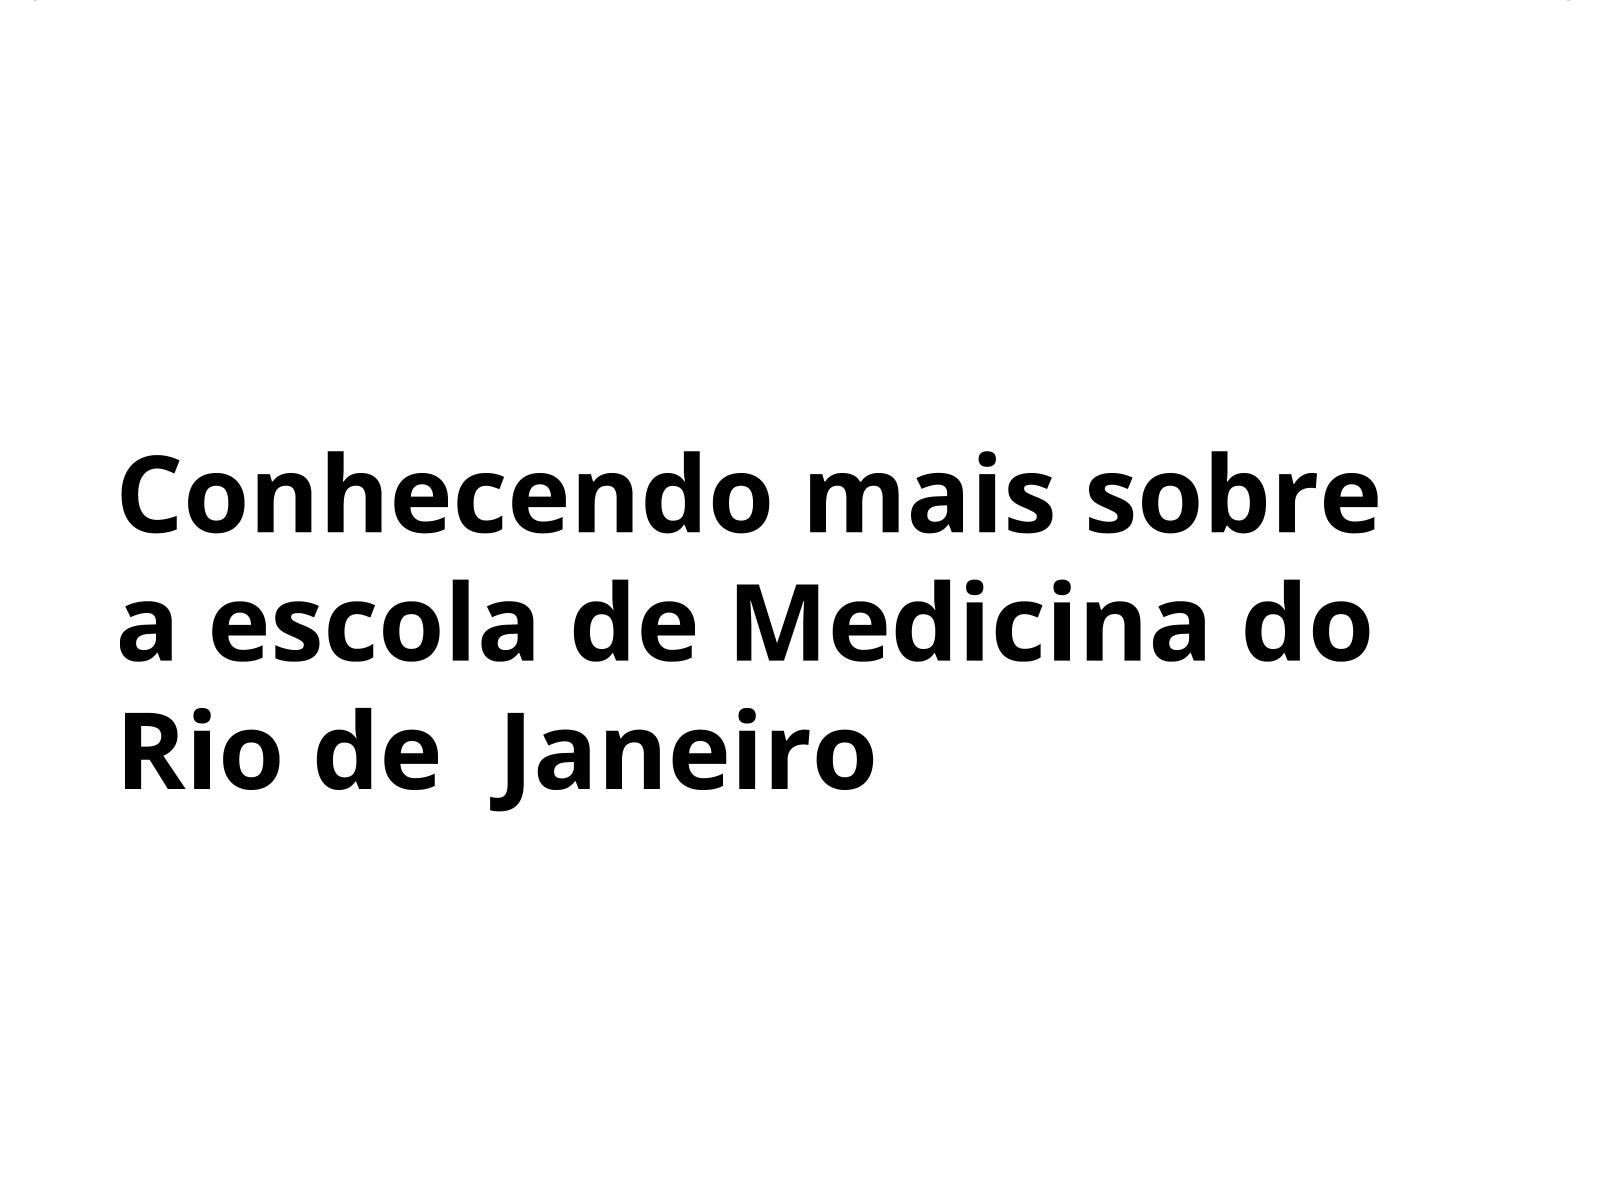 A inauguração da escola de medicina do Rio de Janeiro